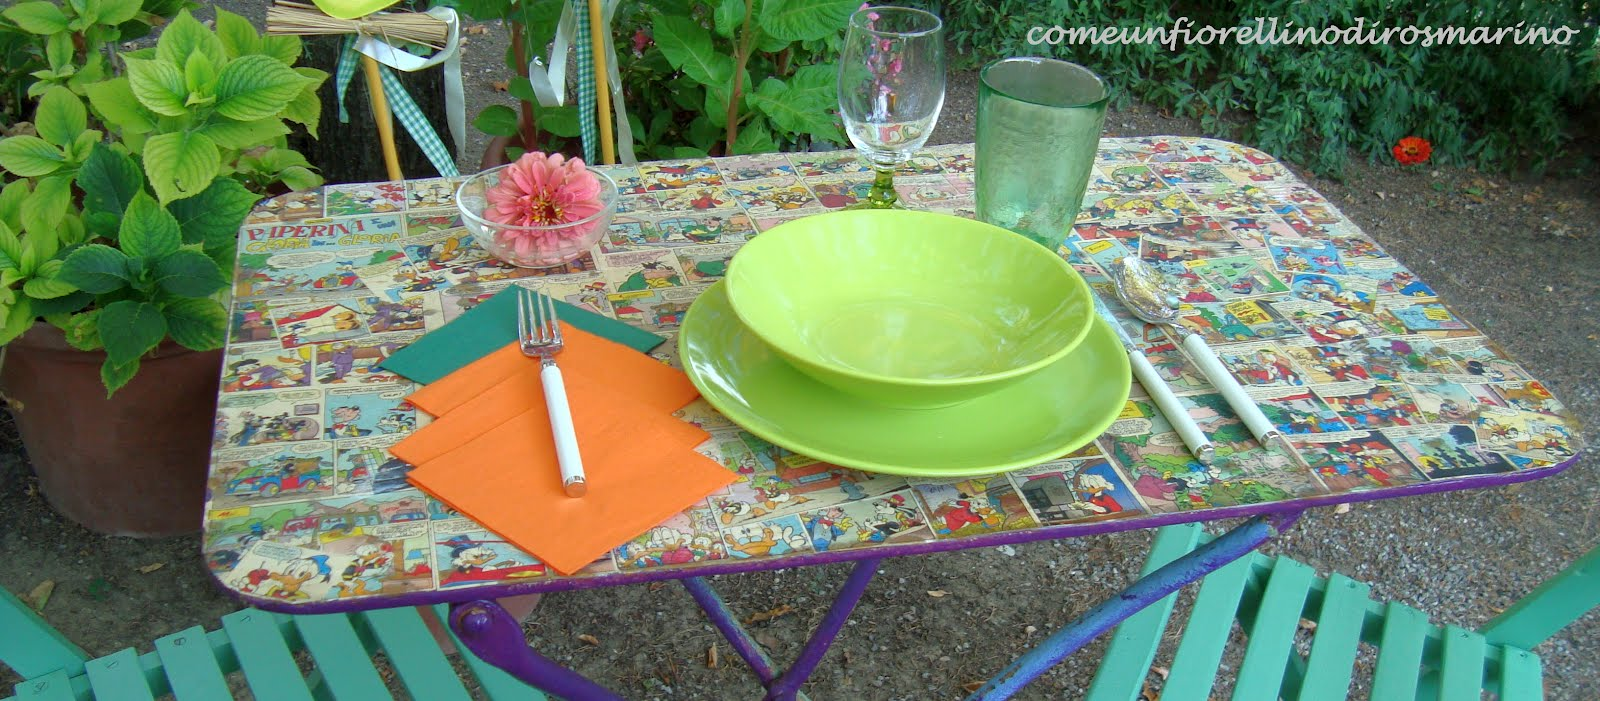 Come un fiorellino di rosmarino aggiungi un posto a - Se sposti un posto a tavola ...